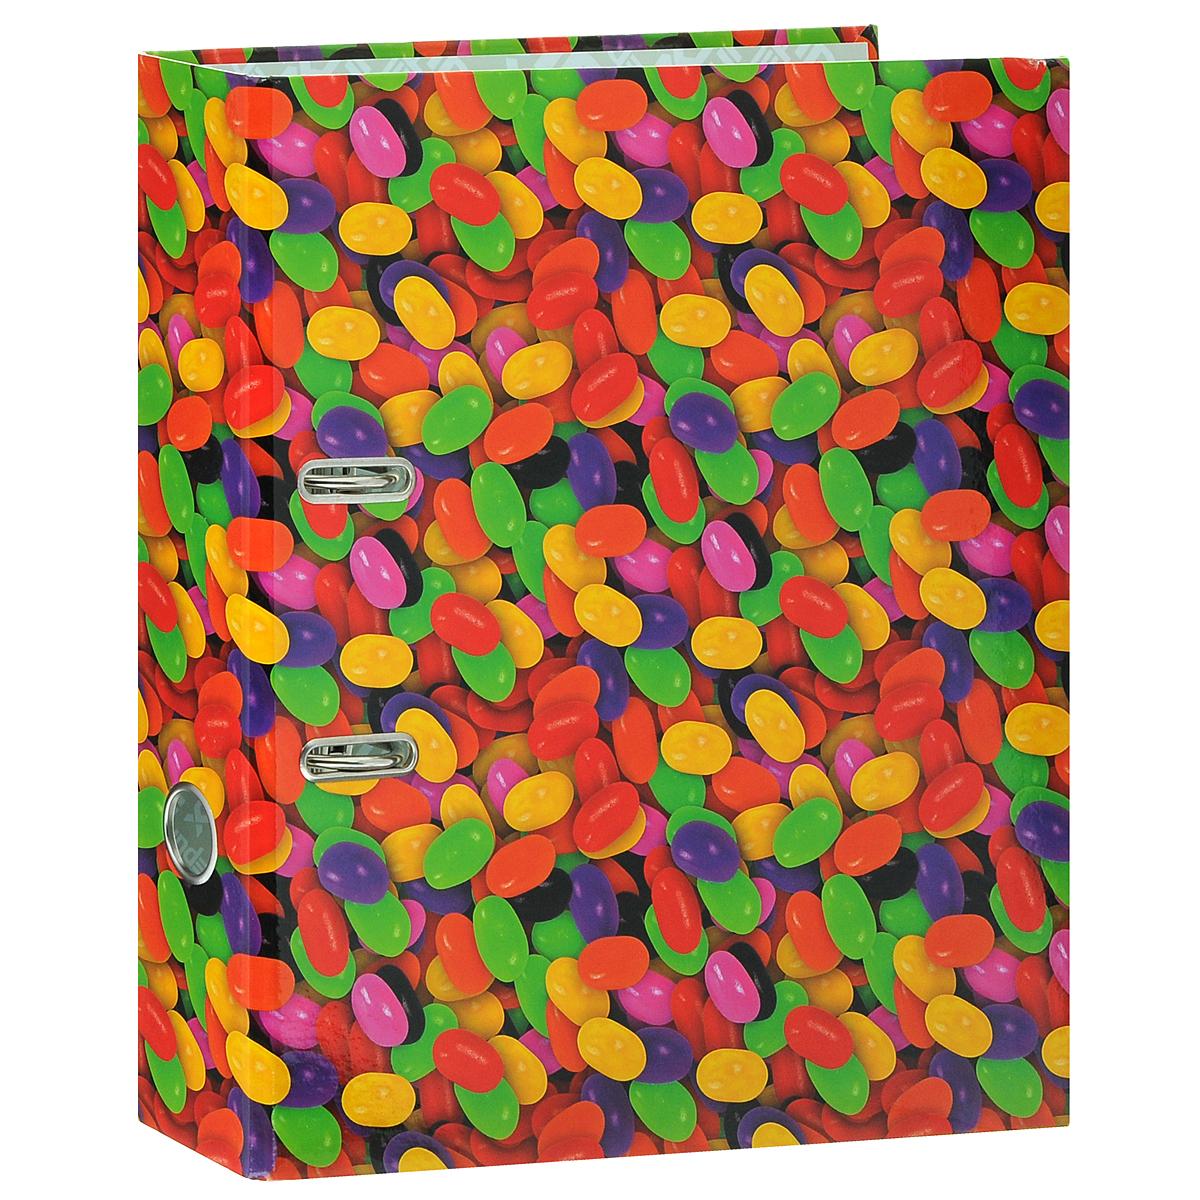 Папка-регистратор Index Драже, ширина корешка 80 мм, цвет: красный, желтый, зеленыйIN111105Папка-регистратор Index Драже незаменима для работы с большими объемами бумаг дома и в офисе. Папка изготовлена из износостойкого высококачественного картона толщиной 2 мм, имеет ламинацию как снаружи, так и внутри. Папка оснащена прочным металлическим арочным механизмом, обеспечивающим надежную фиксацию перфорированных бумаг и документов формата А4. Для папки используется фурнитура только европейского производства. На торце папки расположено металлическое кольцо для удобства использования. Обложка папки оформлена красочным изображением разноцветной россыпи конфет. Папка-регистратор станет вашим надежным помощником, она упростит работу с бумагами и документами и защитит их от повреждения, пыли и влаги.